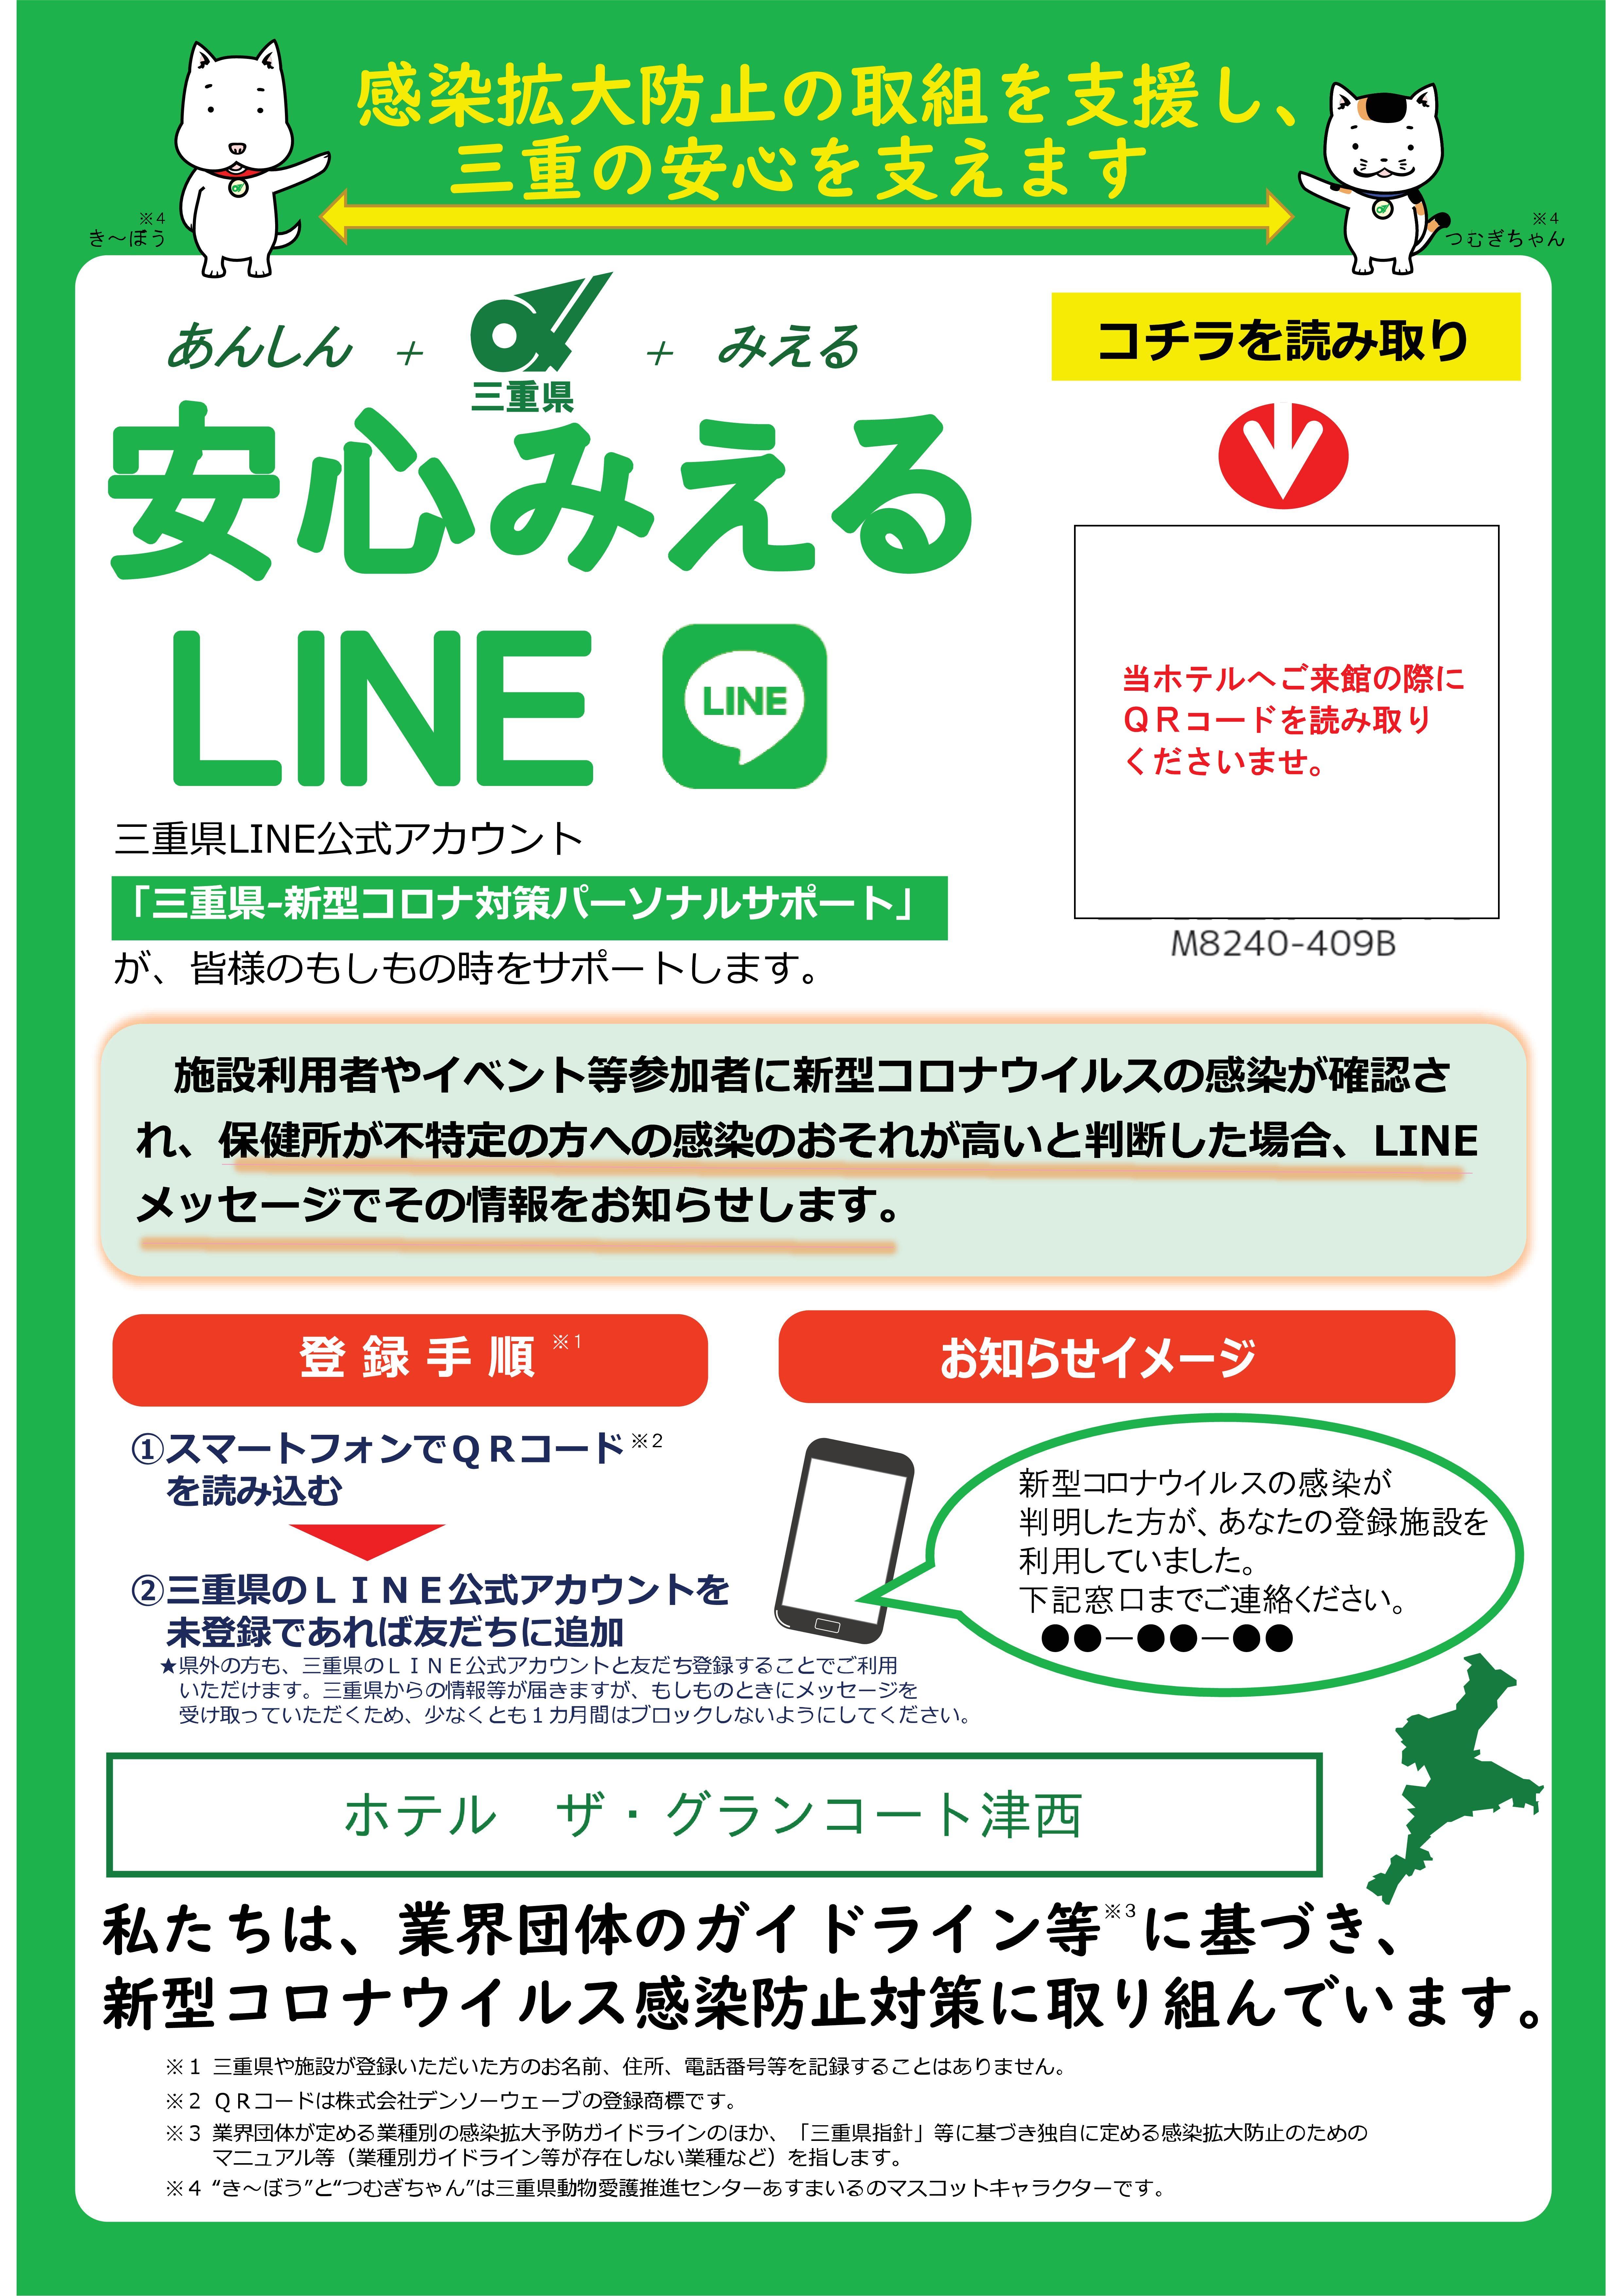 【津西】三重県「安心みえるLINE」事業者POP20.8.28登録(SNS掲示用)